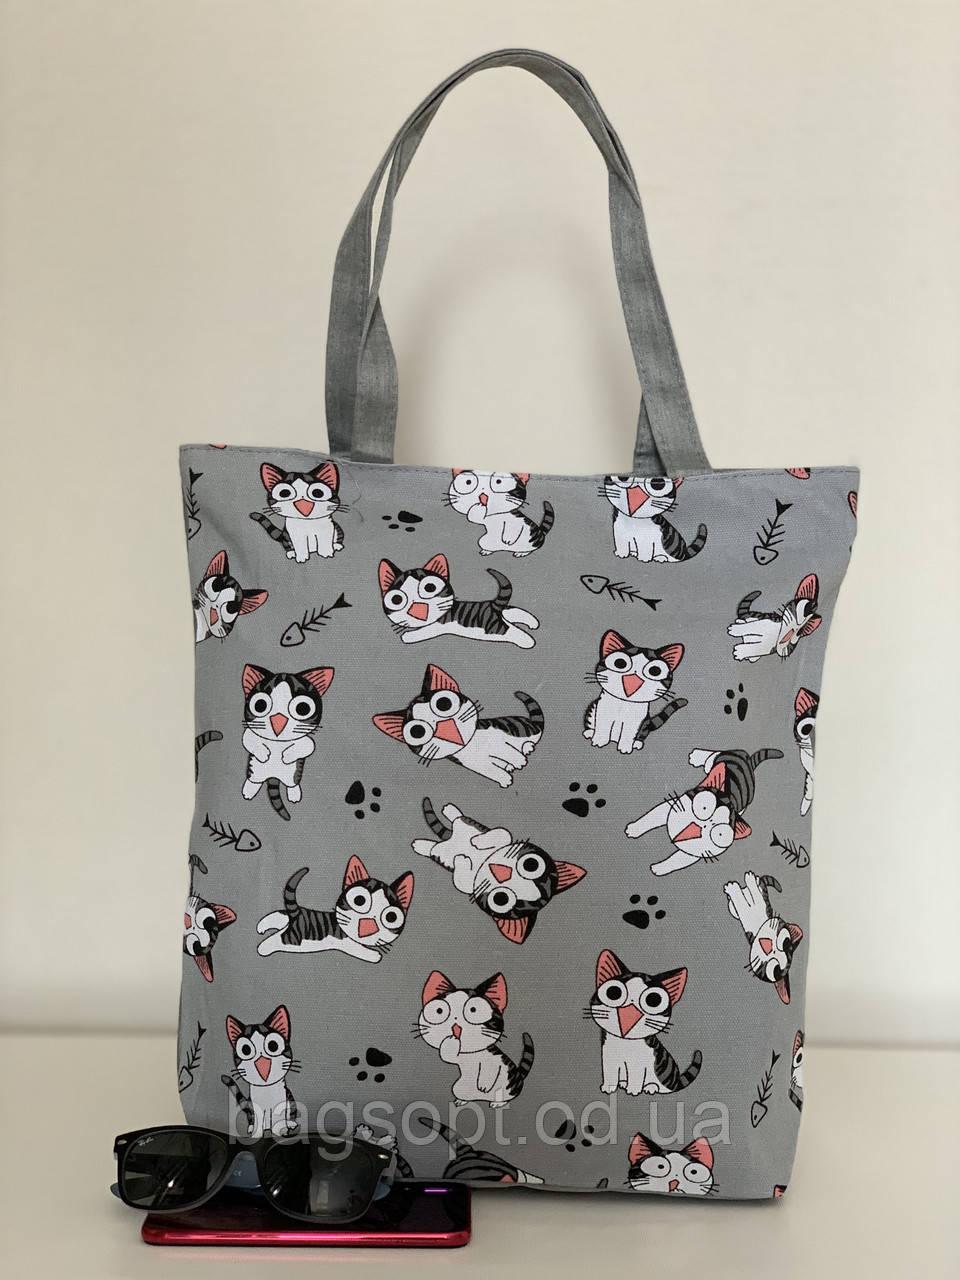 Тканевая молодежная сумка пляжная летняя из хлопка с котами